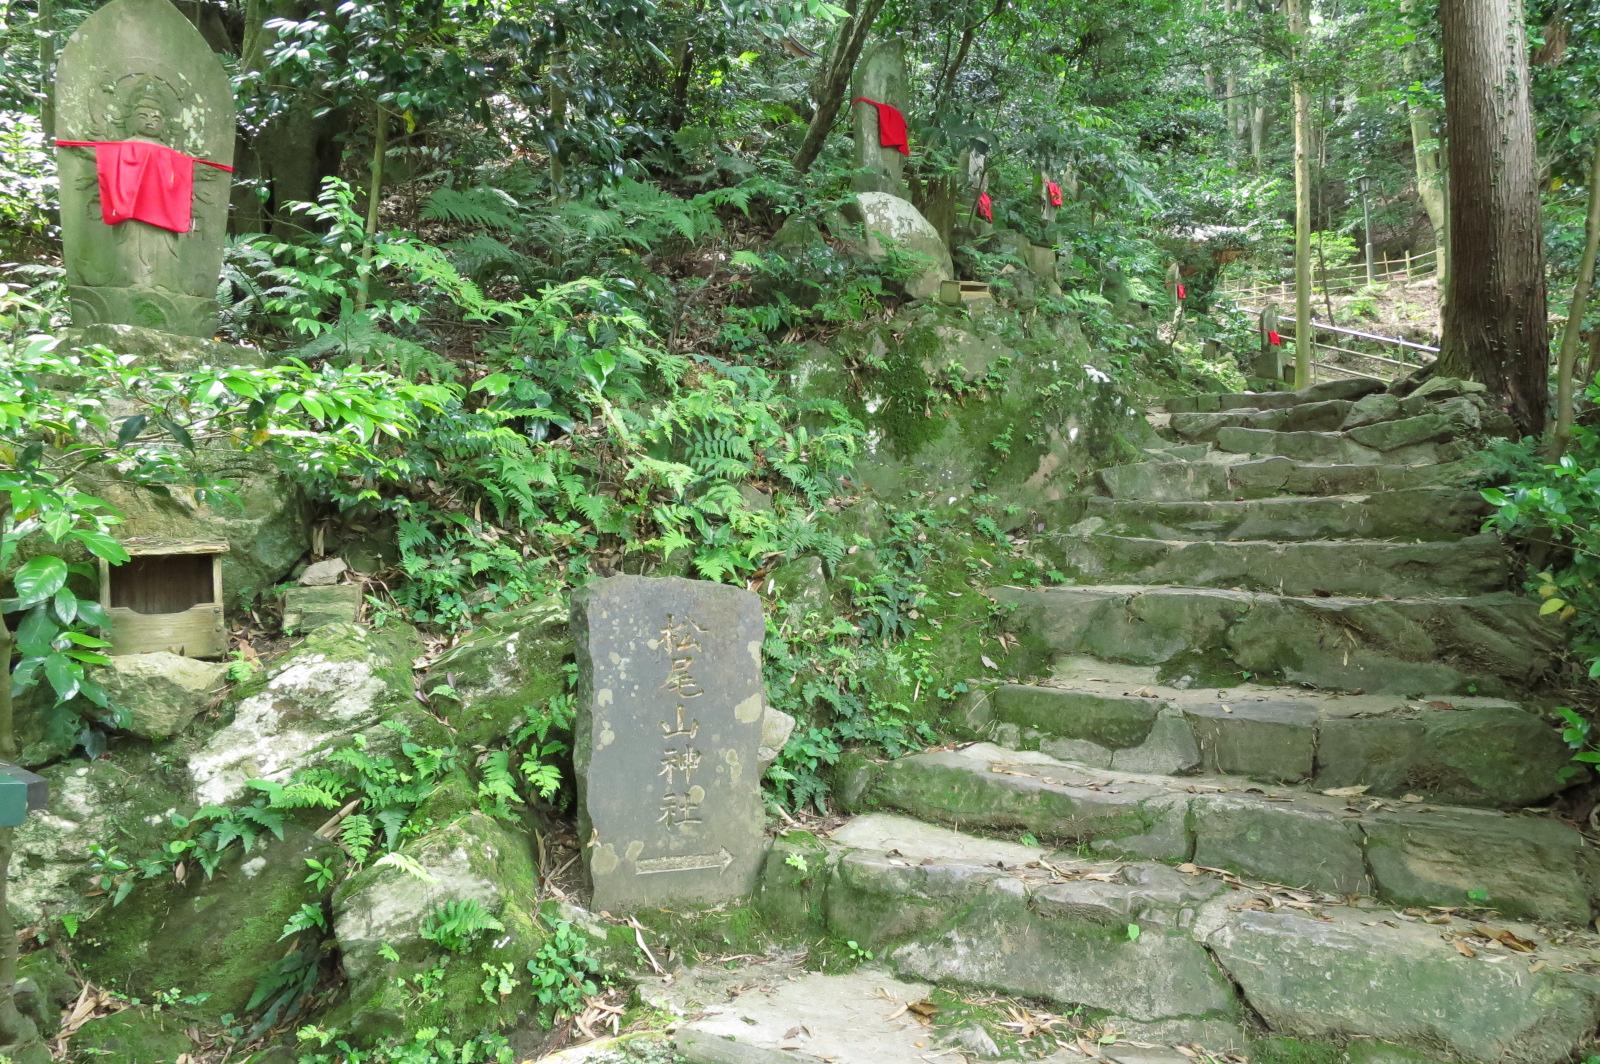 三重塔手前の階段を上がり、松尾山神社に向かいます。階段の途中途中に観音様の石像が安置されています。